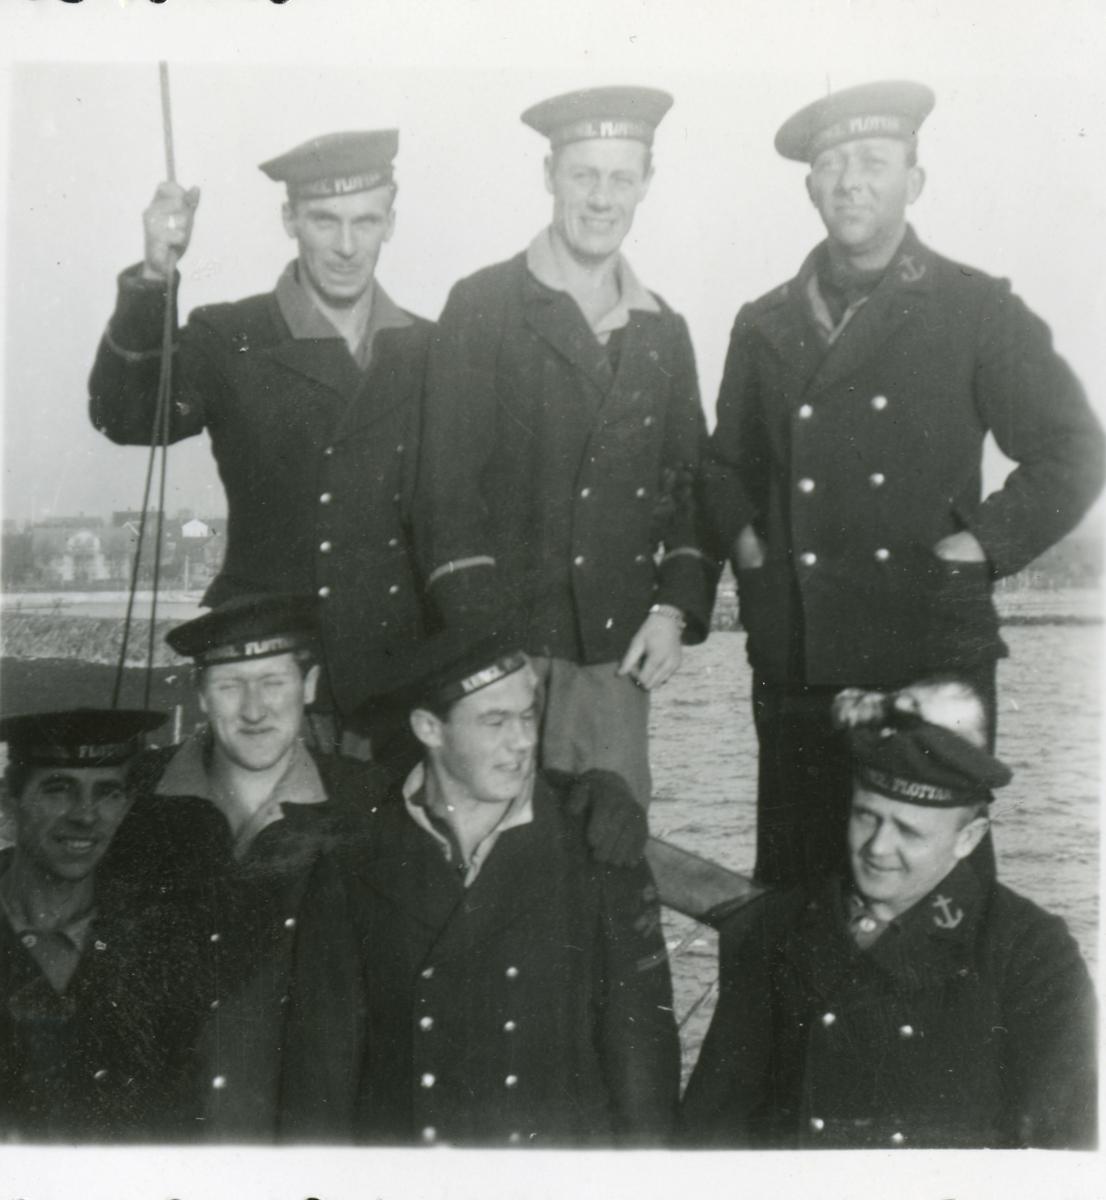 Gåva av Kenneth Larsson, son till Gösta Larsson. Fotografier från Gösta Larssons tjänstgöring i flottan. Fotografier från 1937 - 1954. Viss